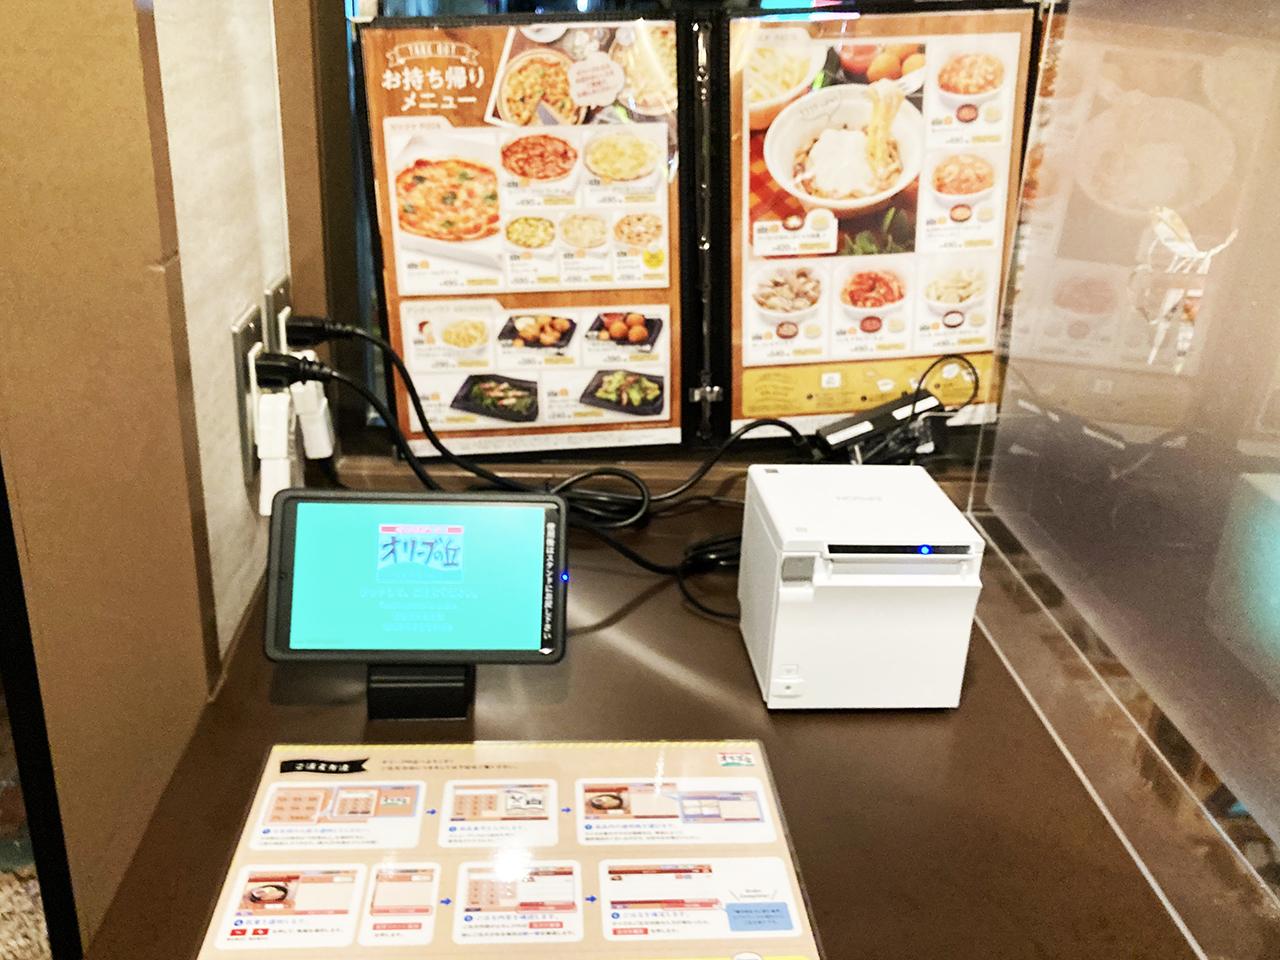 『イタリア食堂オリーブの丘多摩ニュータウン店』がリニューアルオープンしました!